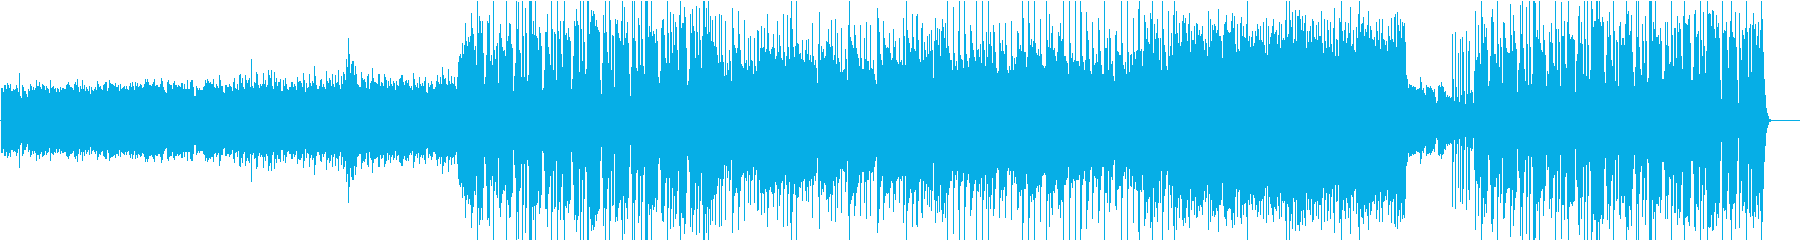 5拍子のプログレ風ギターインストの再生済みの波形